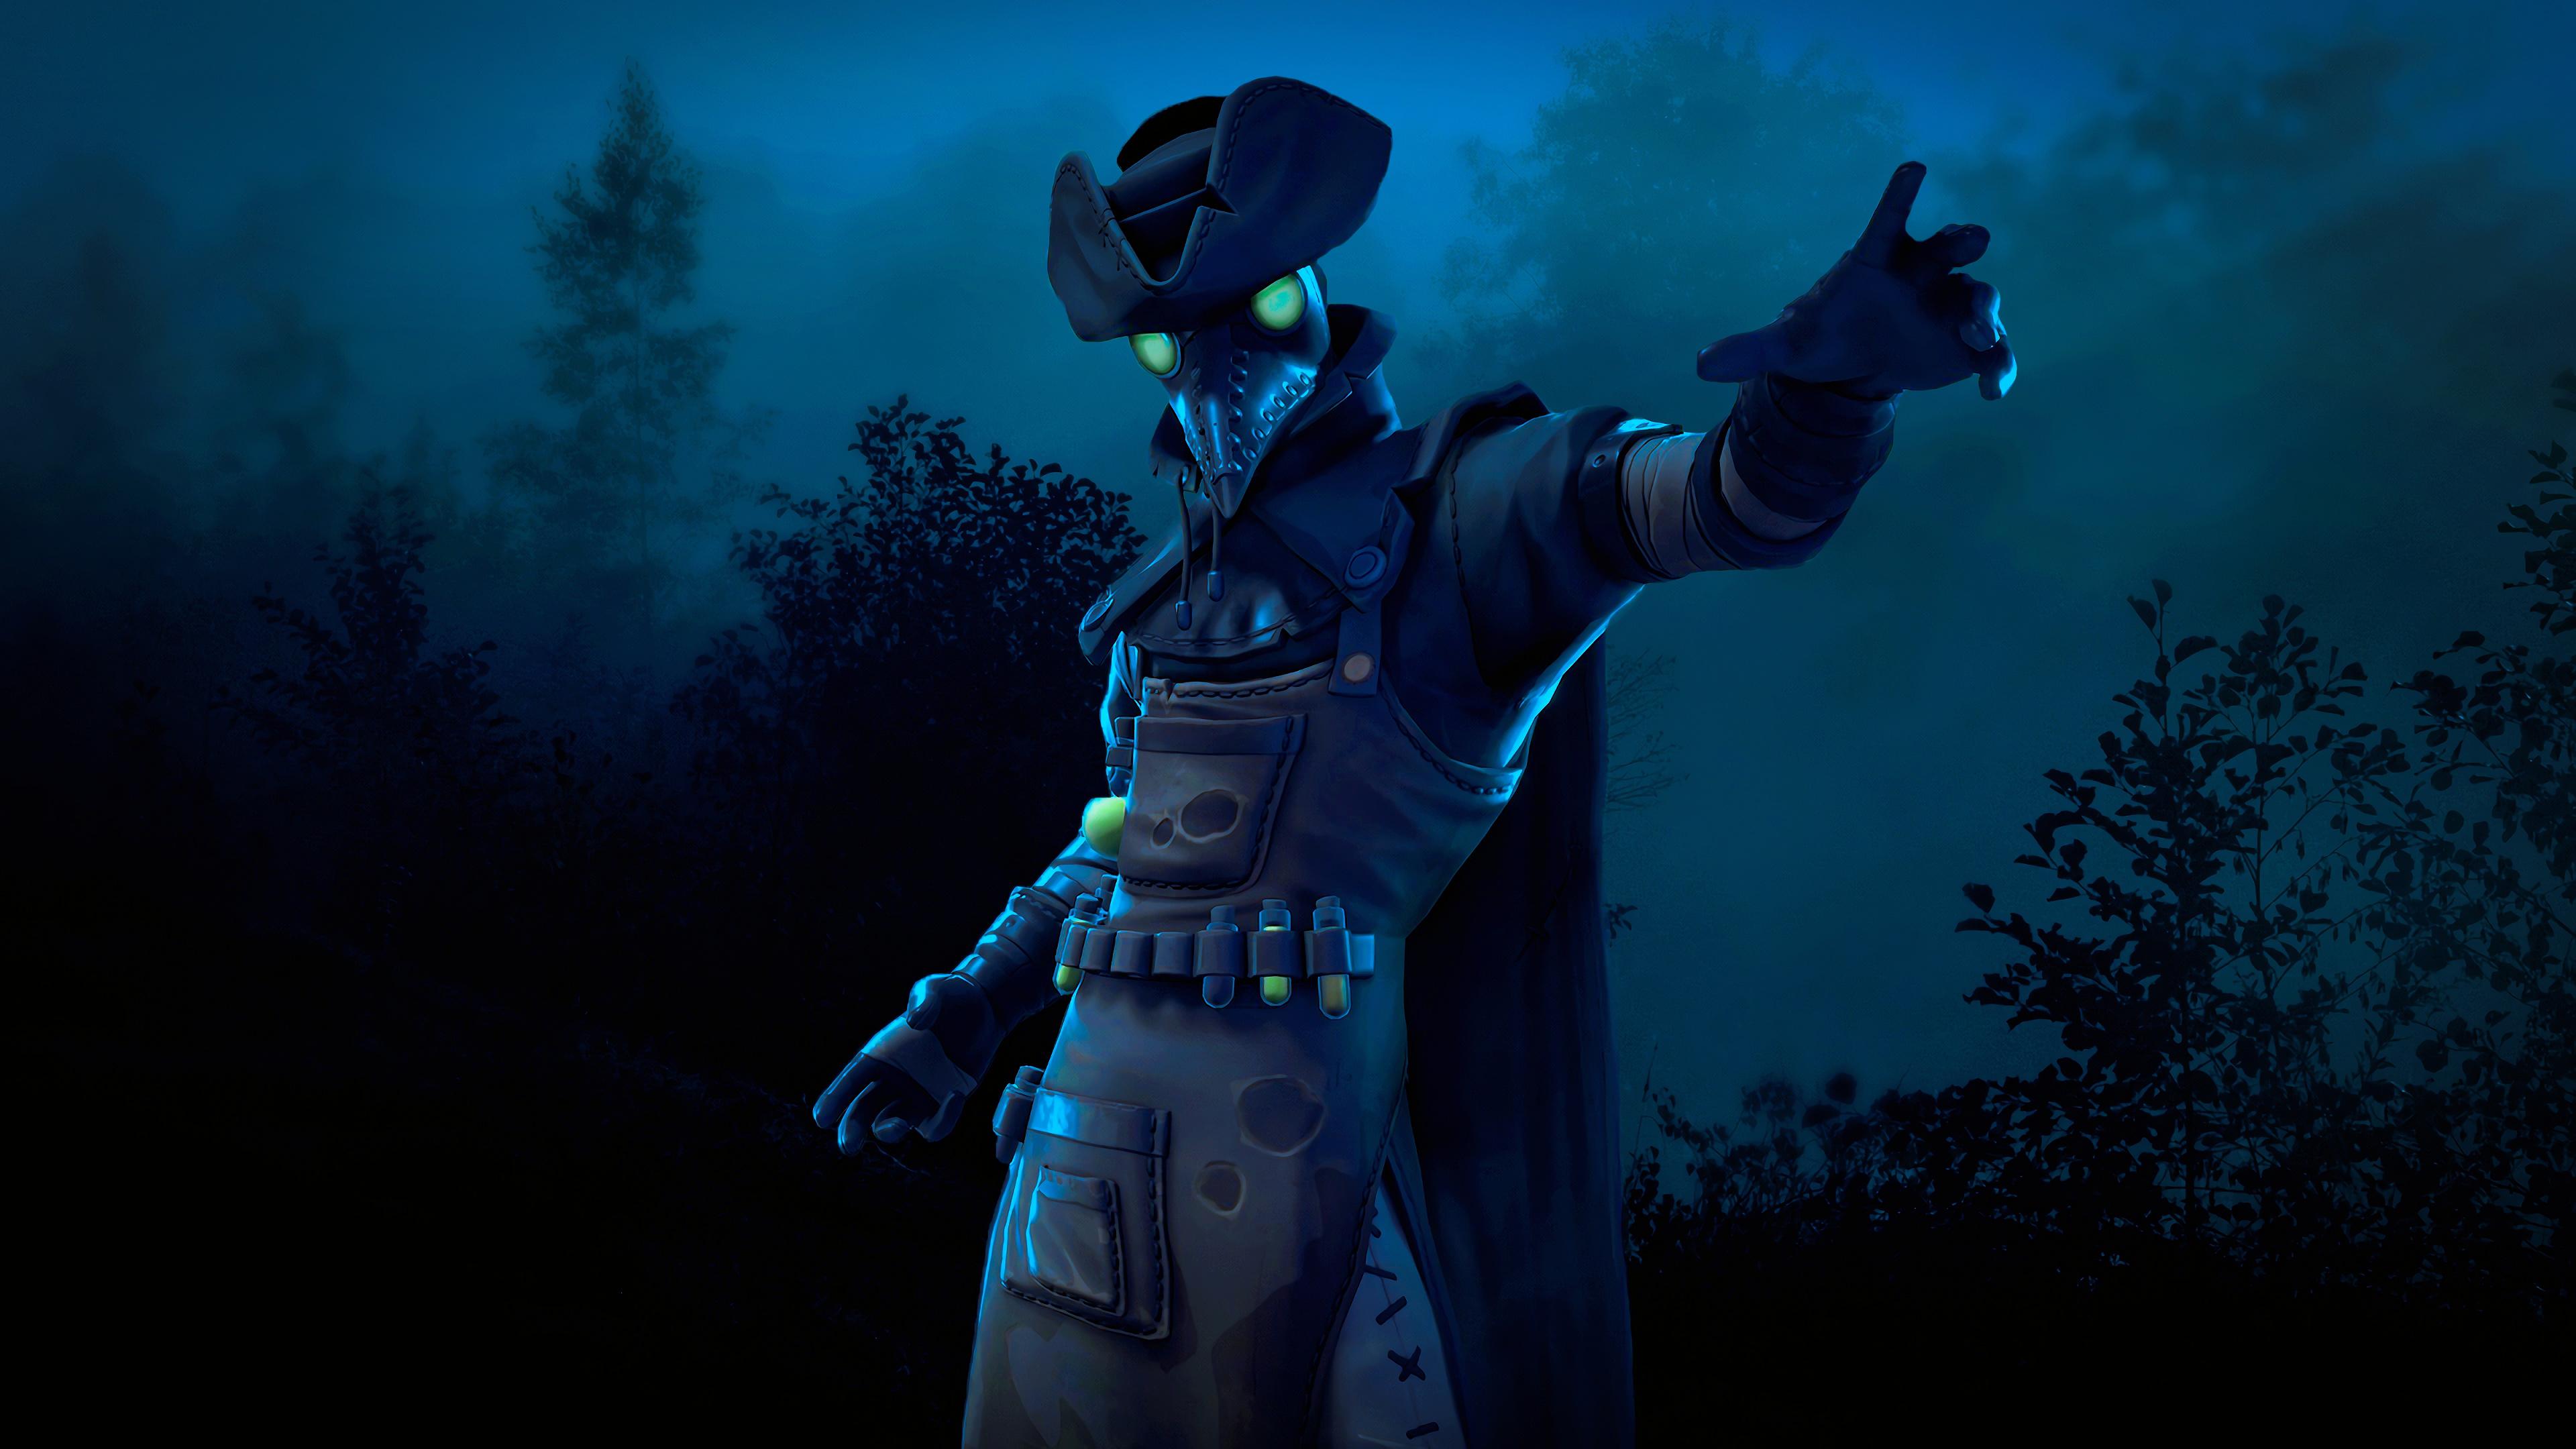 Plague Fortnite Season 6 4k Hd Games 4k Wallpapers Images